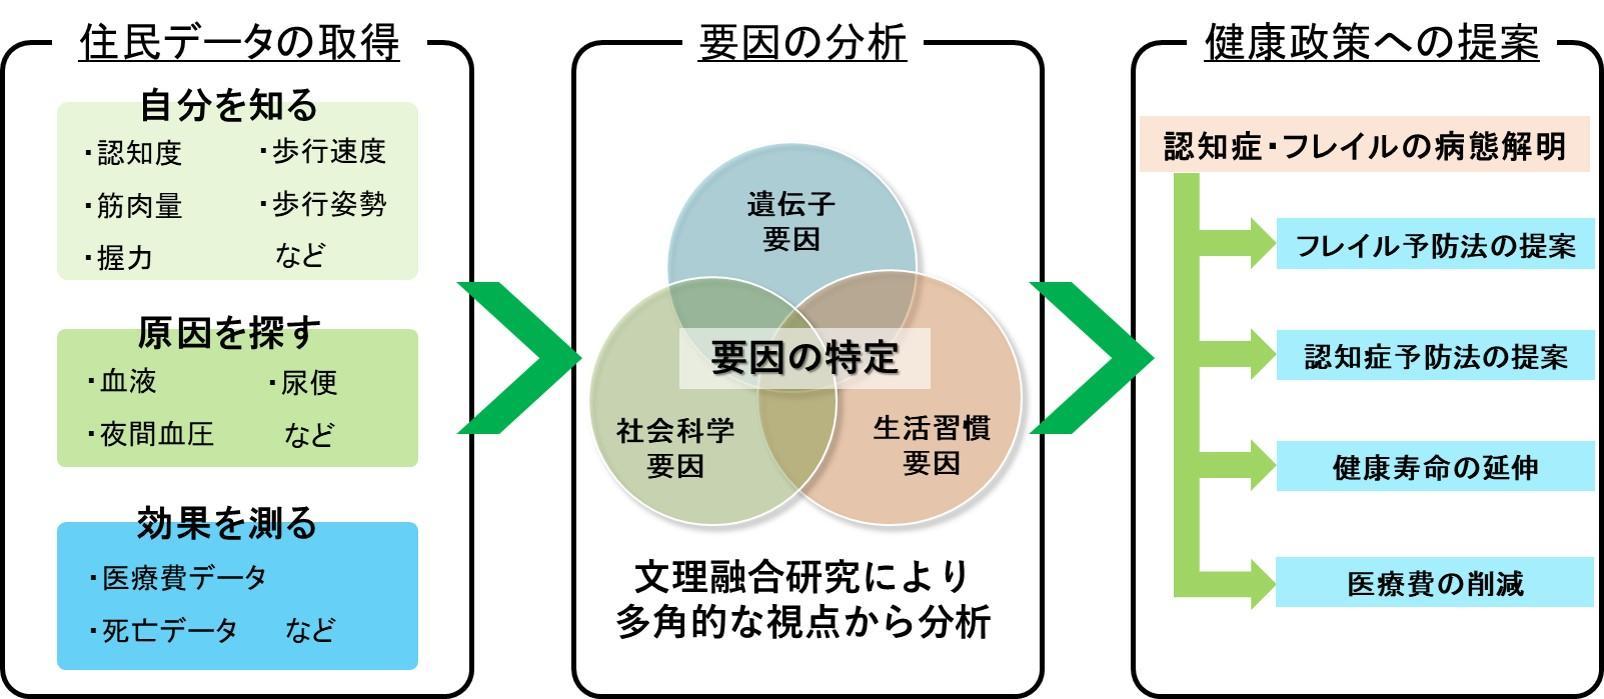 karuizawa_project.jpg